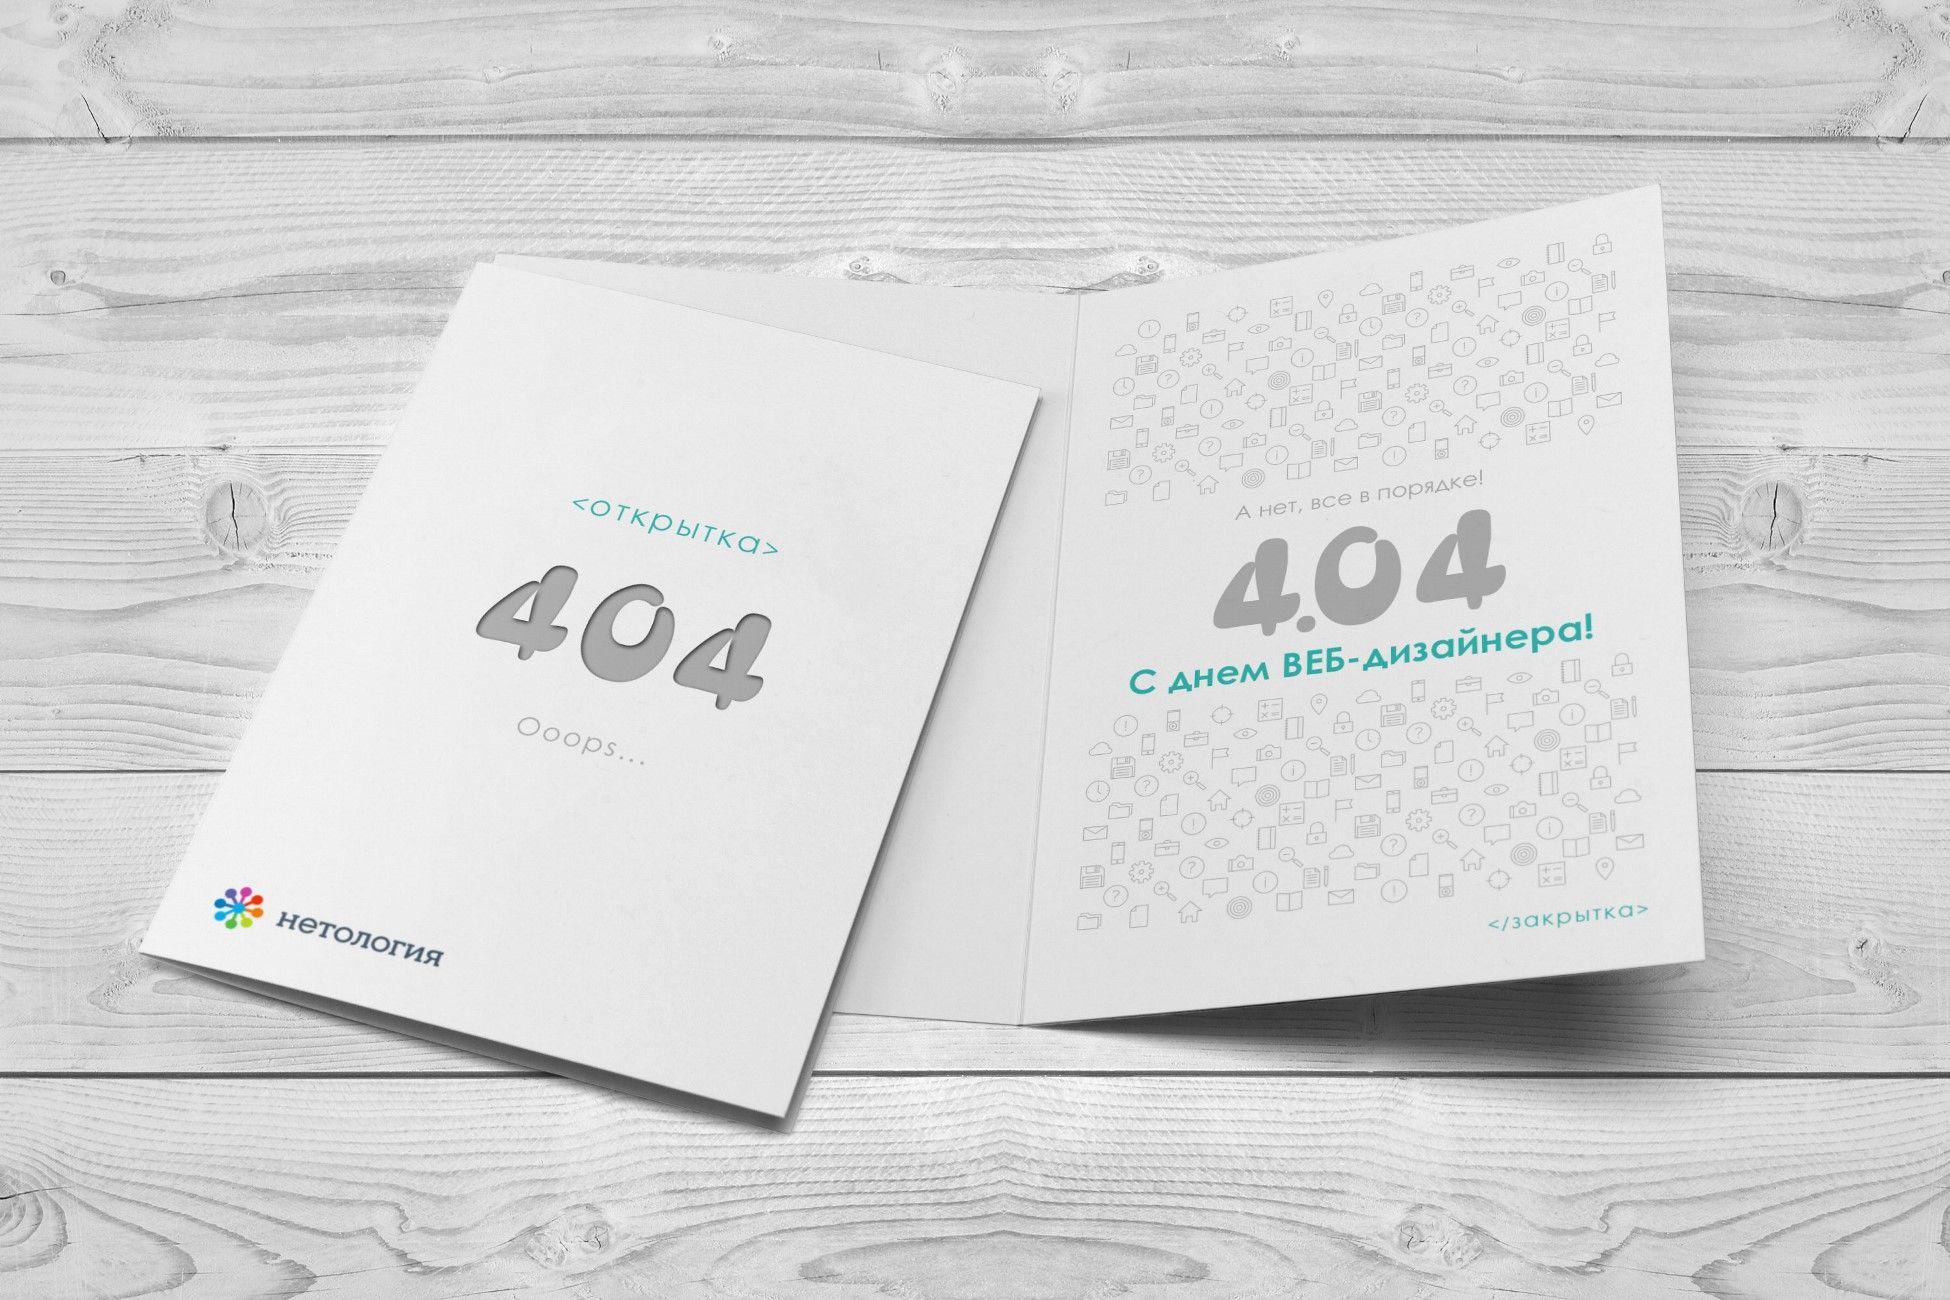 Дизайн открытки. Приз – онлайн-курс по веб-дизайну - дизайнер Frrrmr